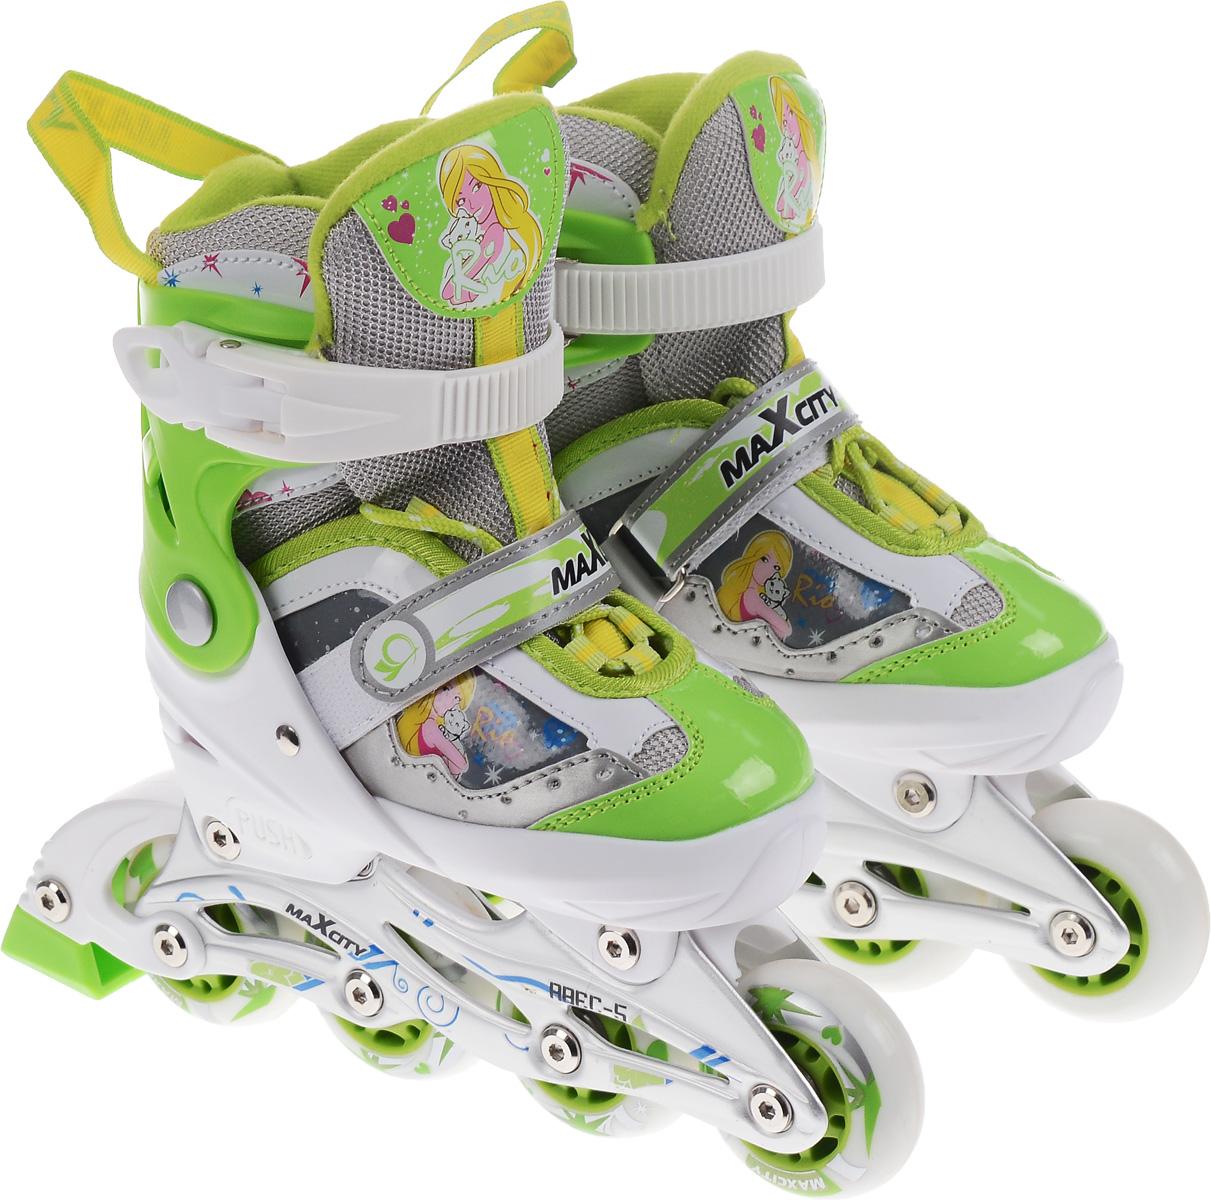 Коньки роликовые RioRIOСтильные роликовые коньки Rio от MaxCity с ярким принтом придутся по душе вашему ребенку. Ботинок конька изготовлен по технологии Max Fit из комбинированных синтетических и полимерных материалов, обеспечивающих максимальную вентиляцию ноги. Анатомически облегченная конструкция ботинка из пластика обеспечивает улучшенную боковую поддержку и полный контроль над движением. Подкладка из мягкого текстиля комфортна при езде. Стелька Hi Dri из ЭВА с текстильной поверхностью обеспечивает комфорт и отличную амортизацию. Классическая шнуровка с ремнем на липучке обеспечивает плотное закрепление пятки. На голенище модель фиксируется клипсой с фиксатором. Прочная рама из алюминия отлично передает усилие ноги и позволяет быстро разгоняться. Мягкие полиуретановые колеса обеспечат плавное и бесшумное движение. Износостойкие подшипники класса ABEC 5 наименее восприимчивы к попаданию влаги и песка, а так же не позволяют развивать высокую скорость, что очень важно для детей и начинающих роллеров....